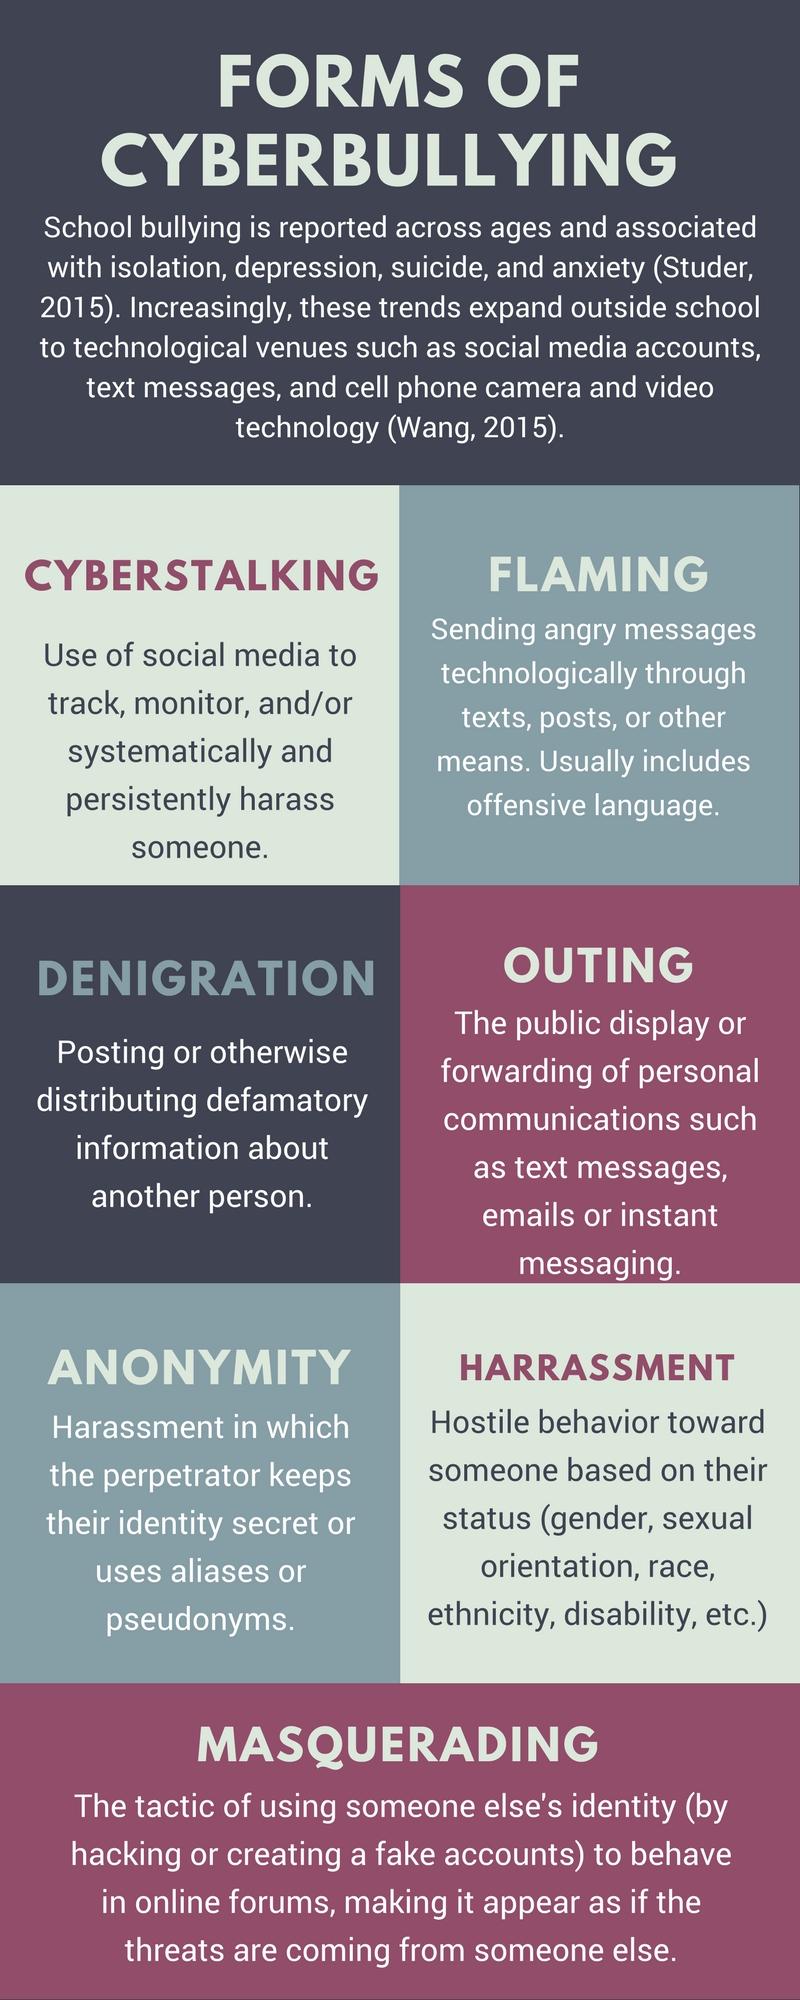 cyberbully definitions.jpg